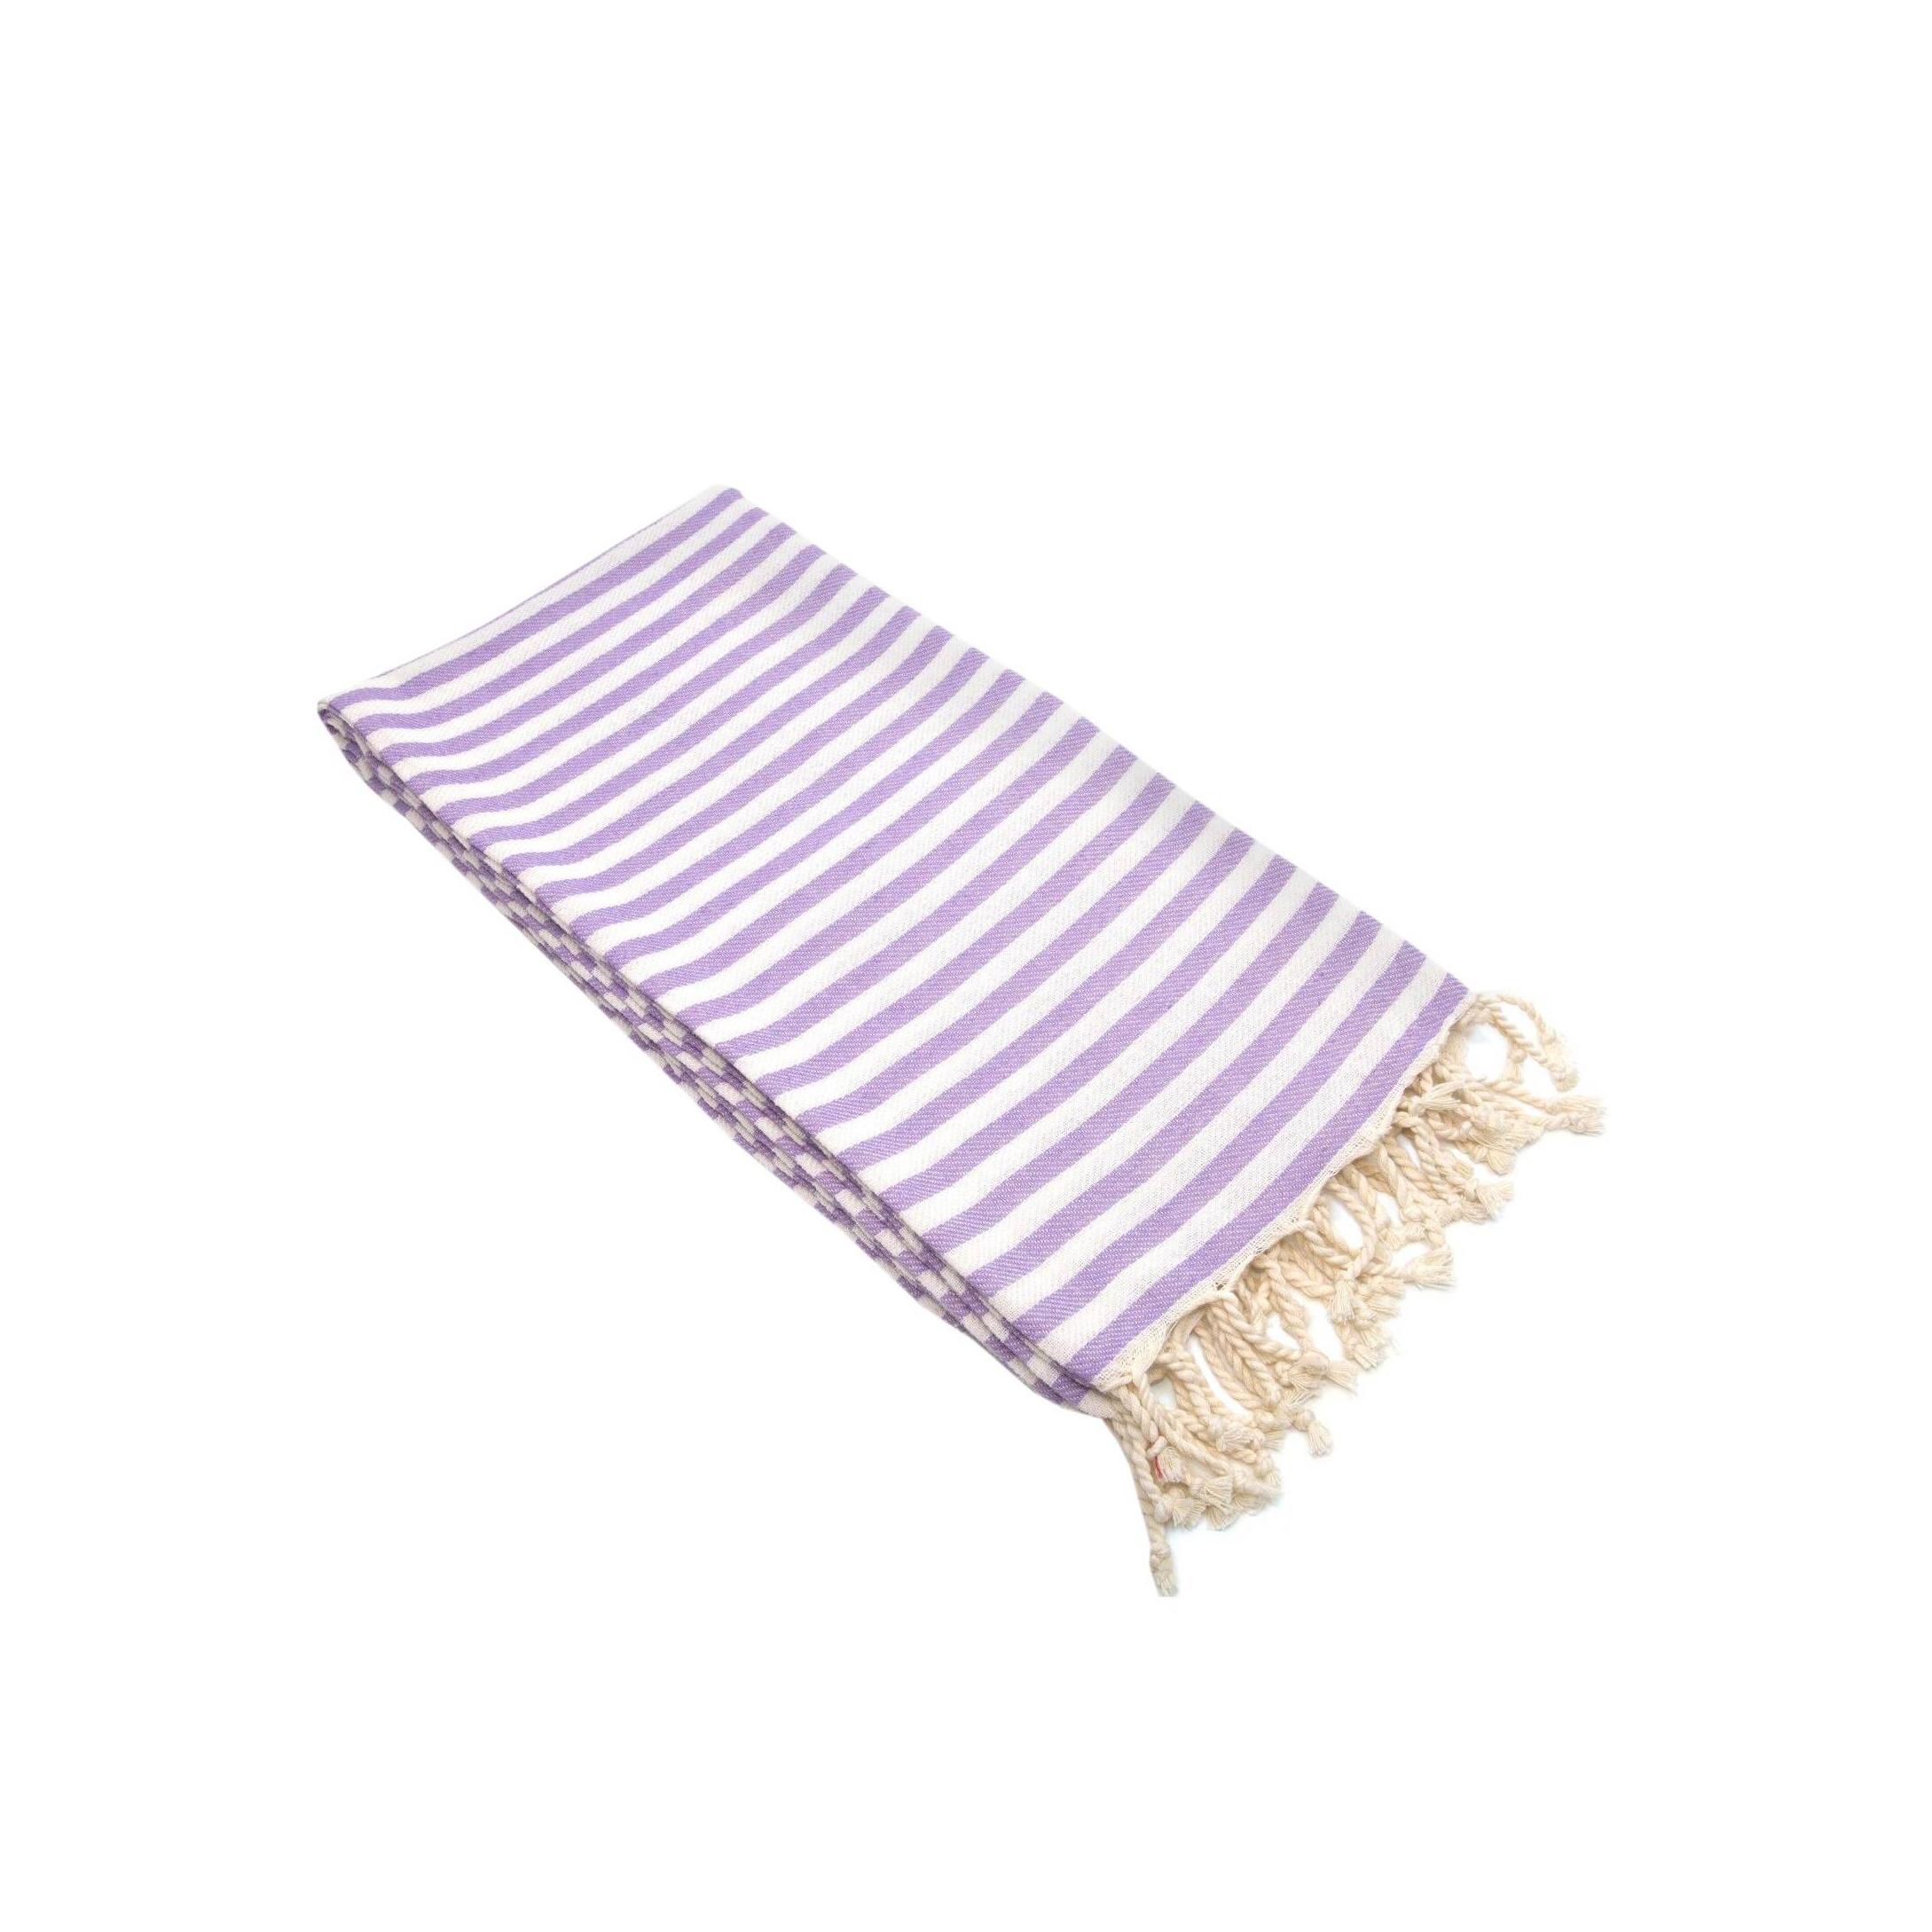 Target pestemal beach towel